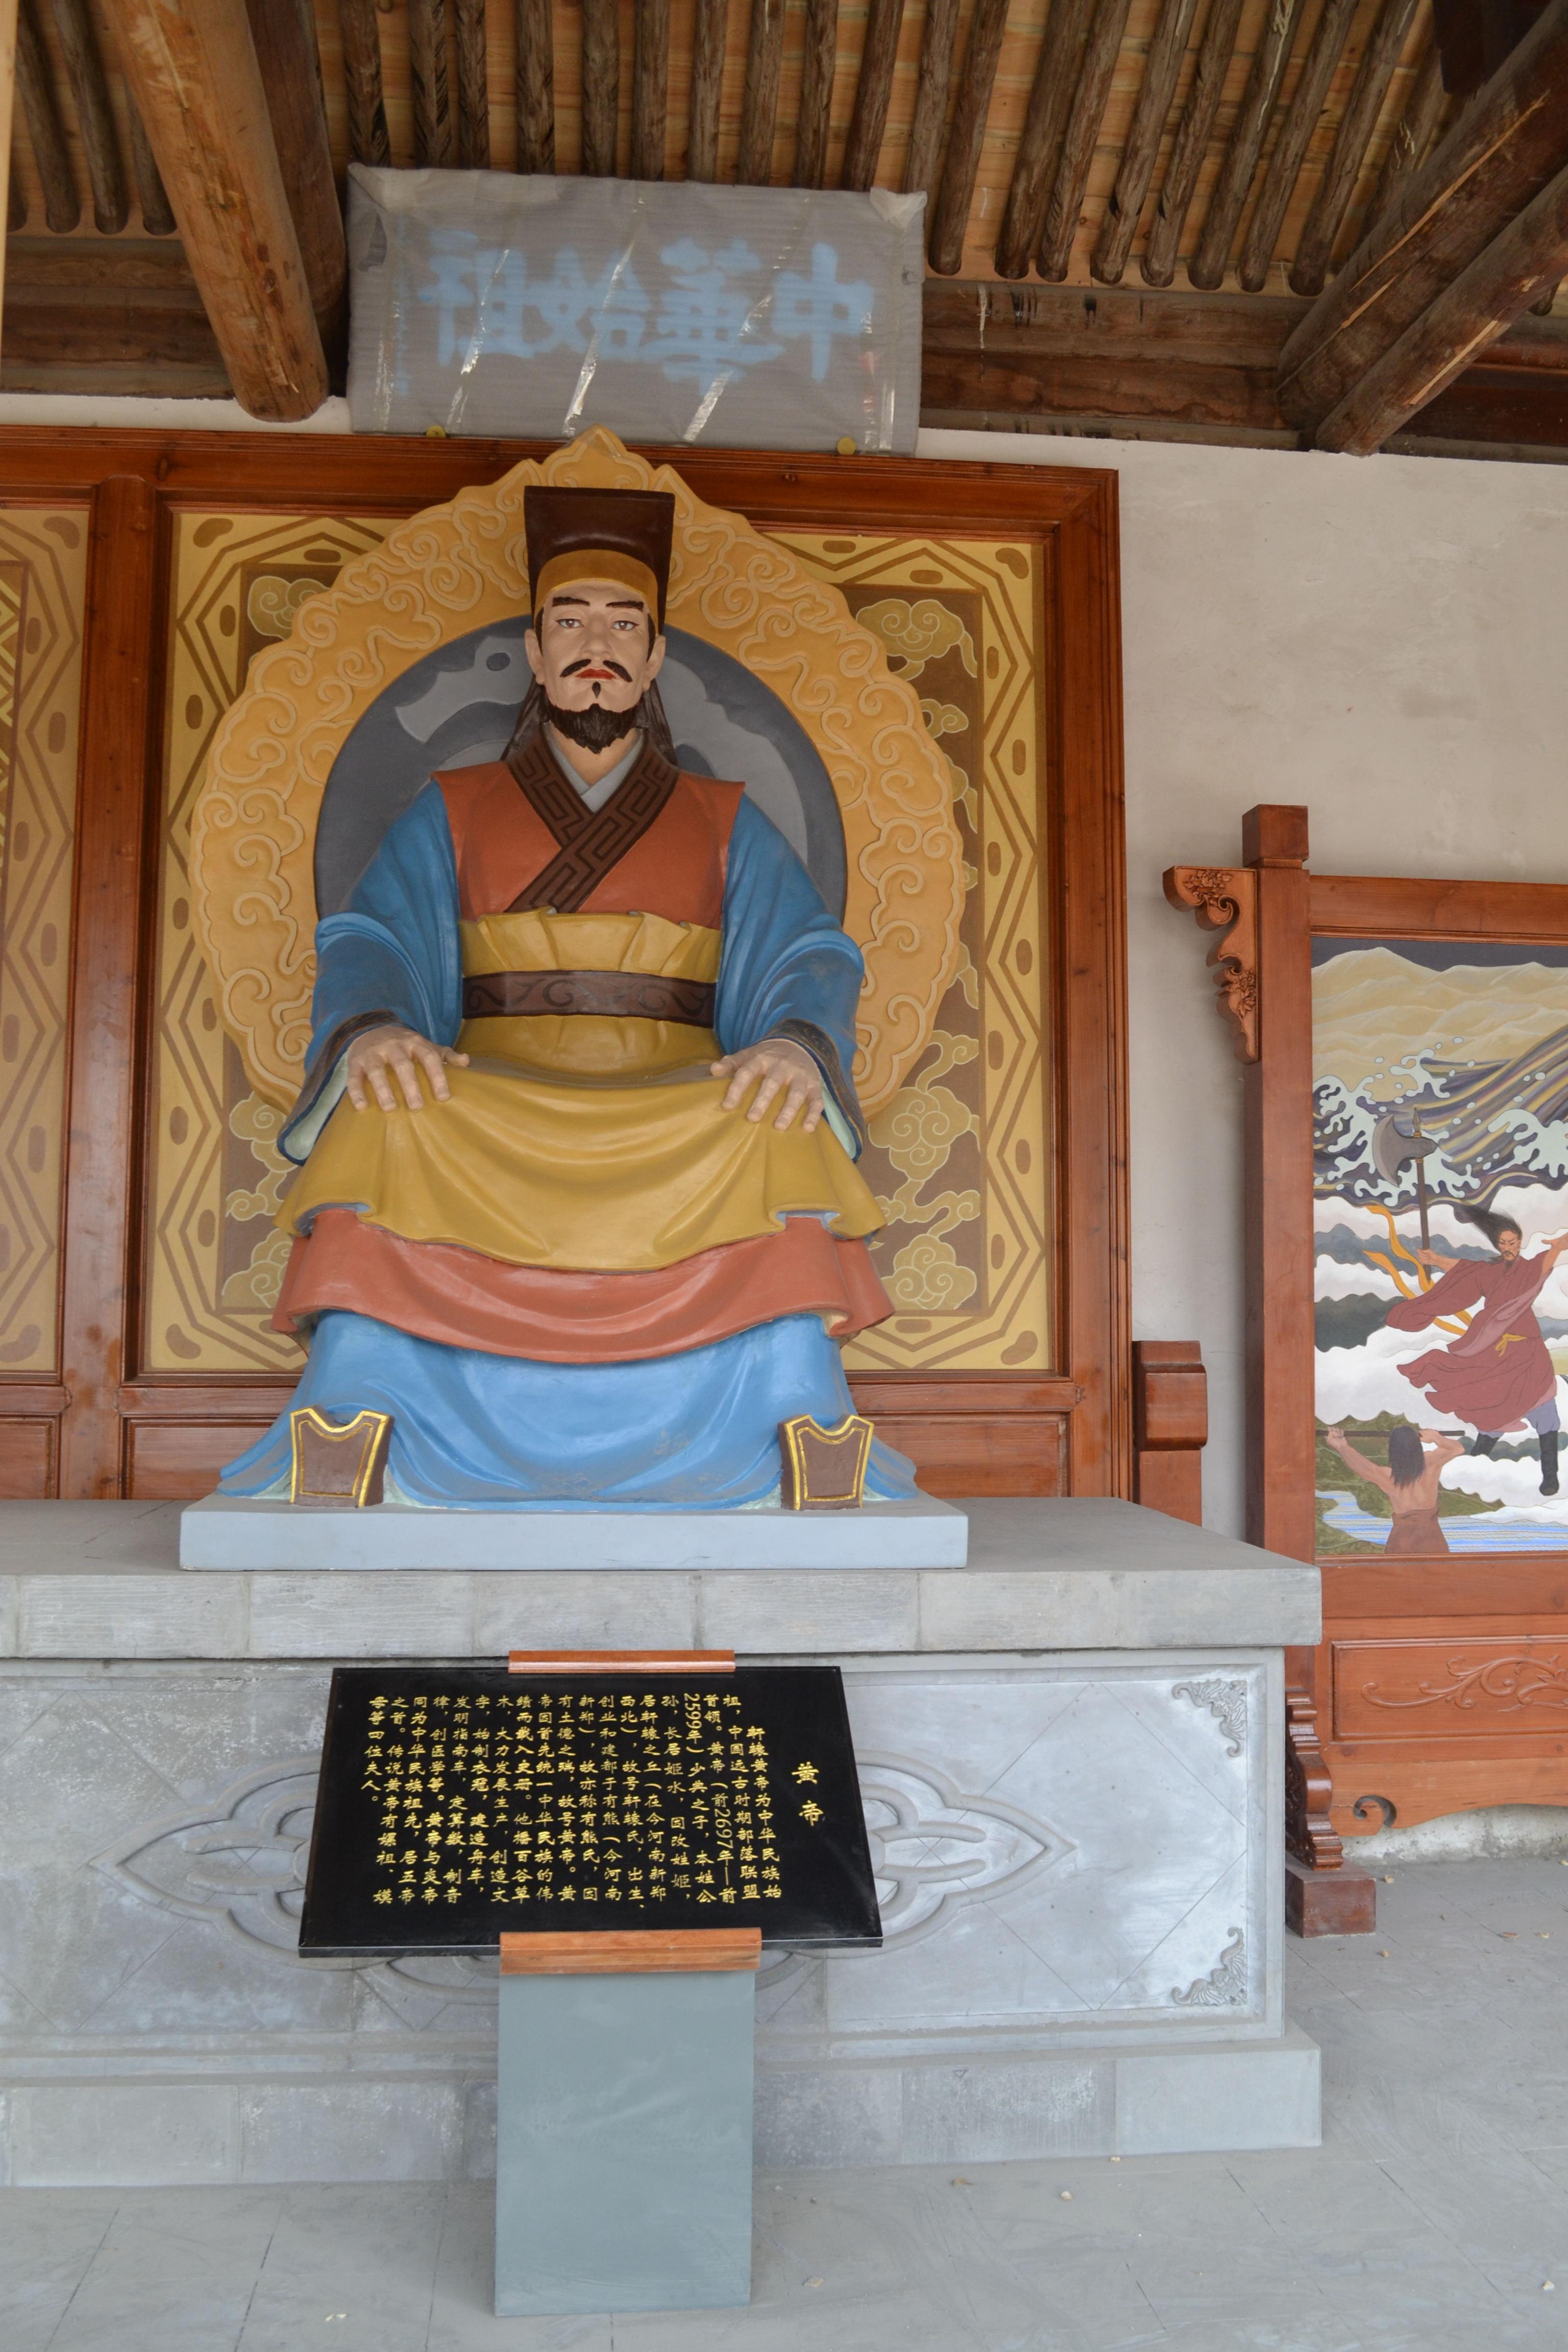 2015年兰州市五泉山文化恢复工程中黄帝坐像